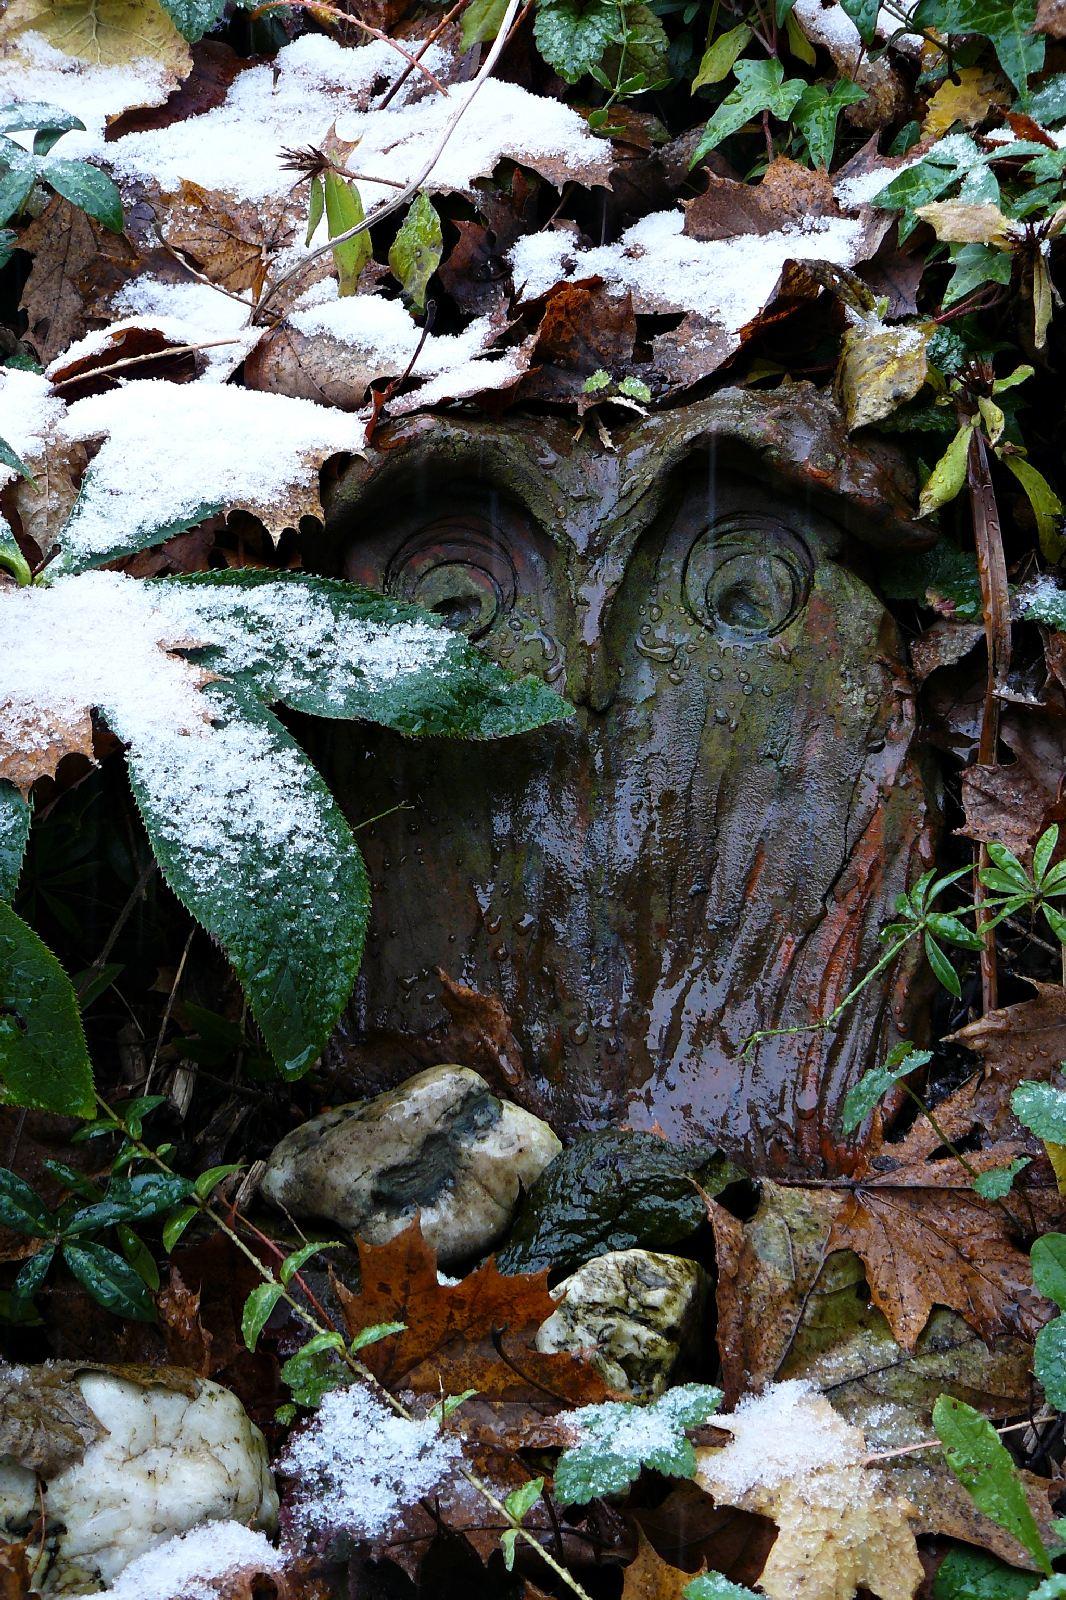 Erster Schnee auf Pflanzen